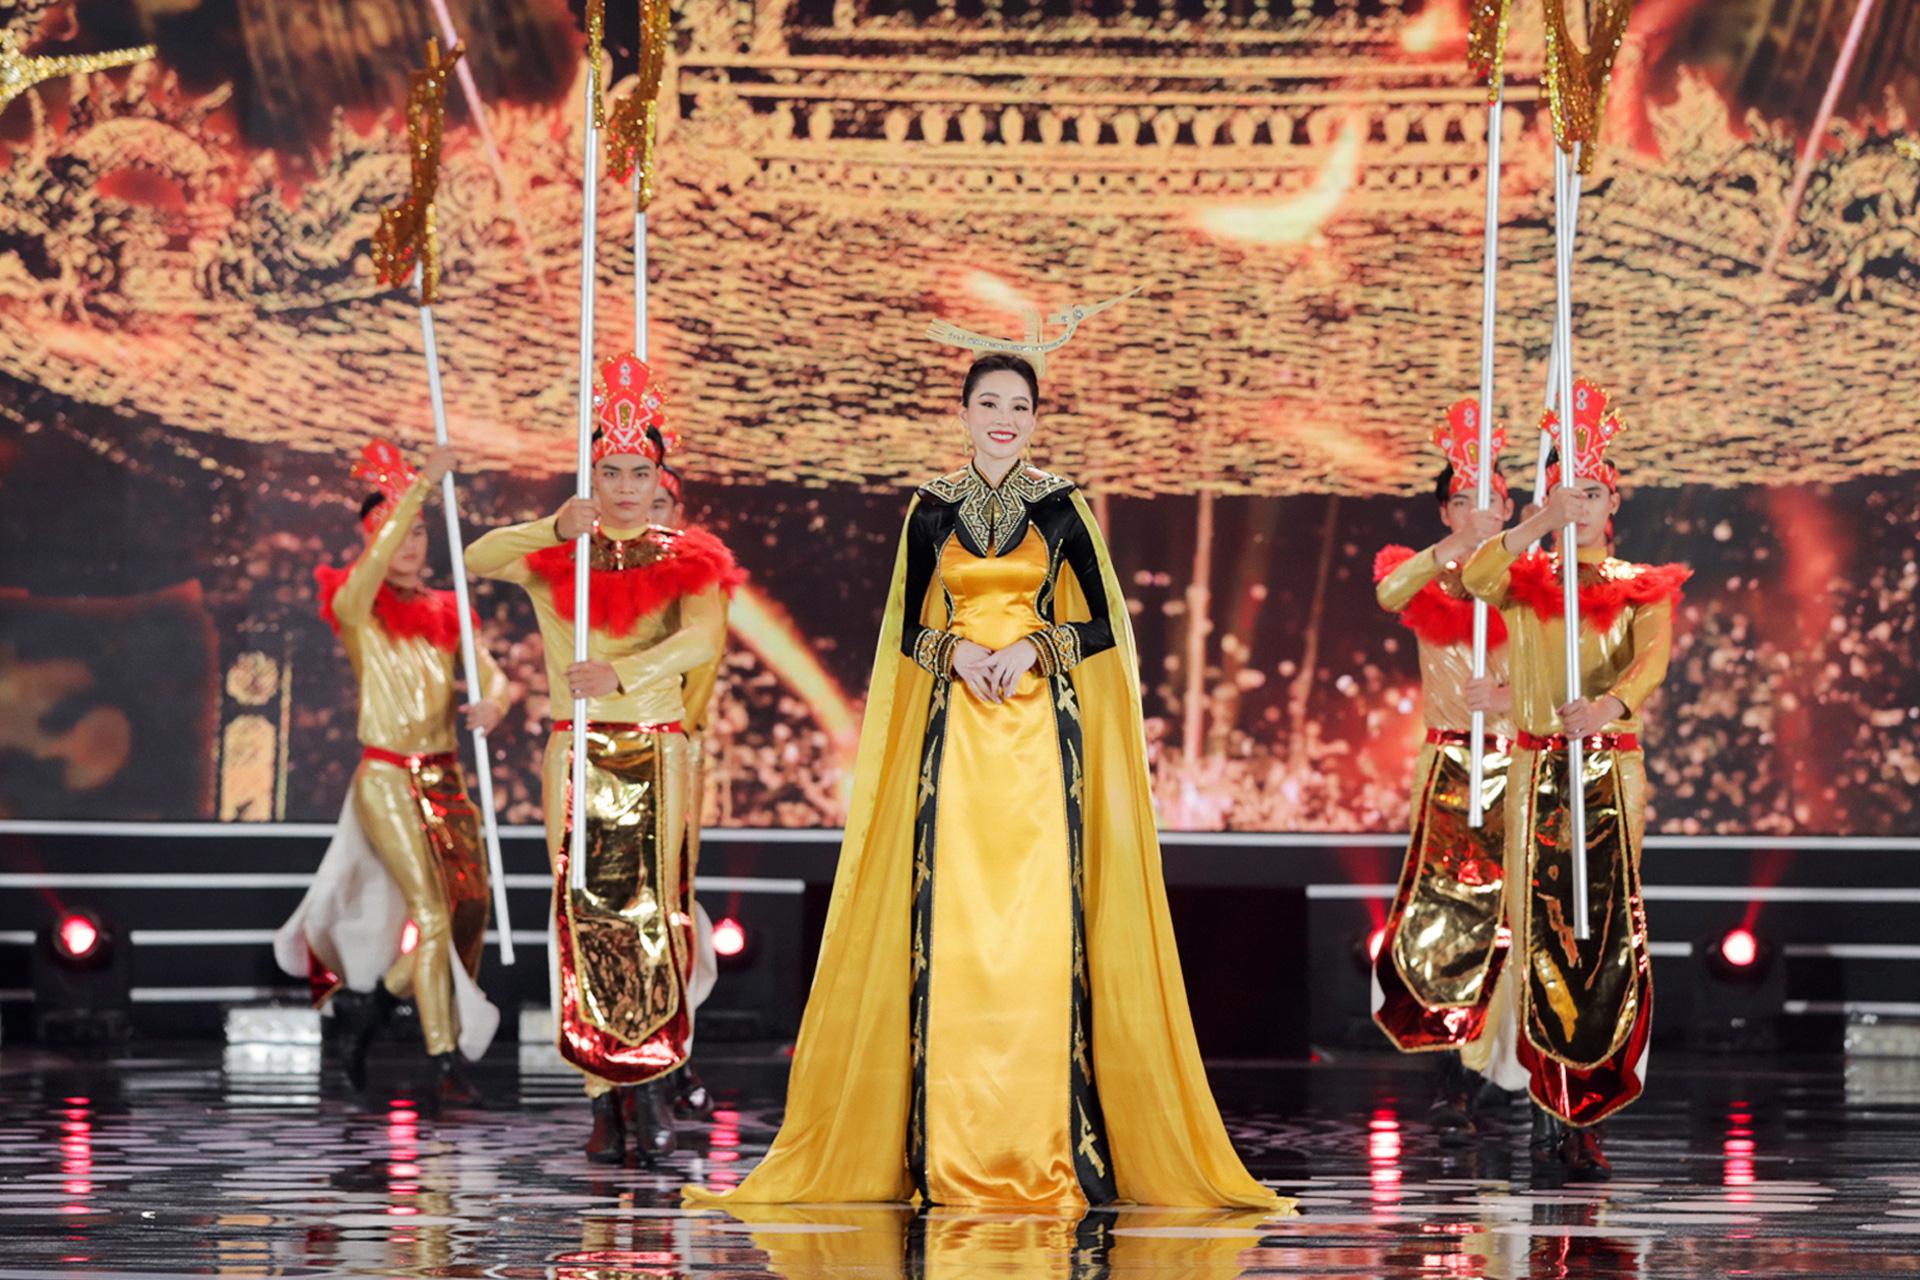 5 Hoa hậu mặc áo dài đọ sắc Chung kết Hoa hậu Việt Nam: Đặng Thu Thảo đẹp tựa nữ thần,  - Ảnh 4.